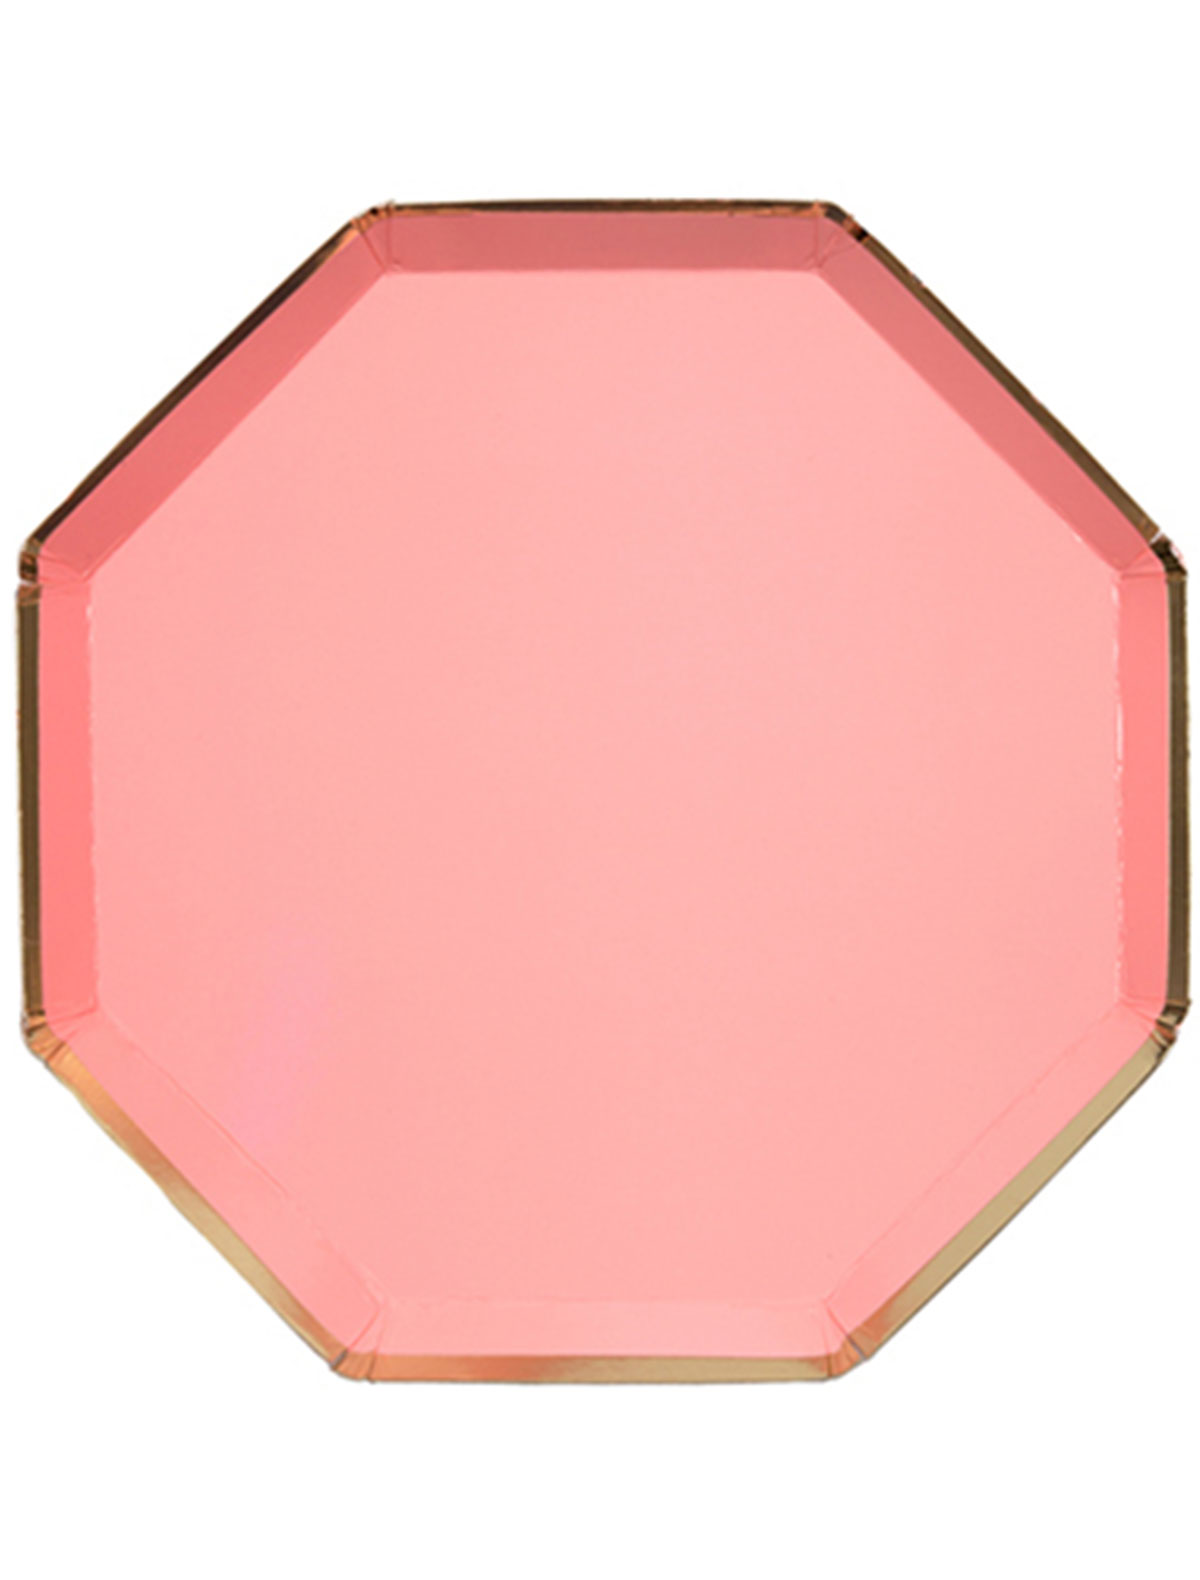 Набор посуды Meri Meri 2259945 розового цвета